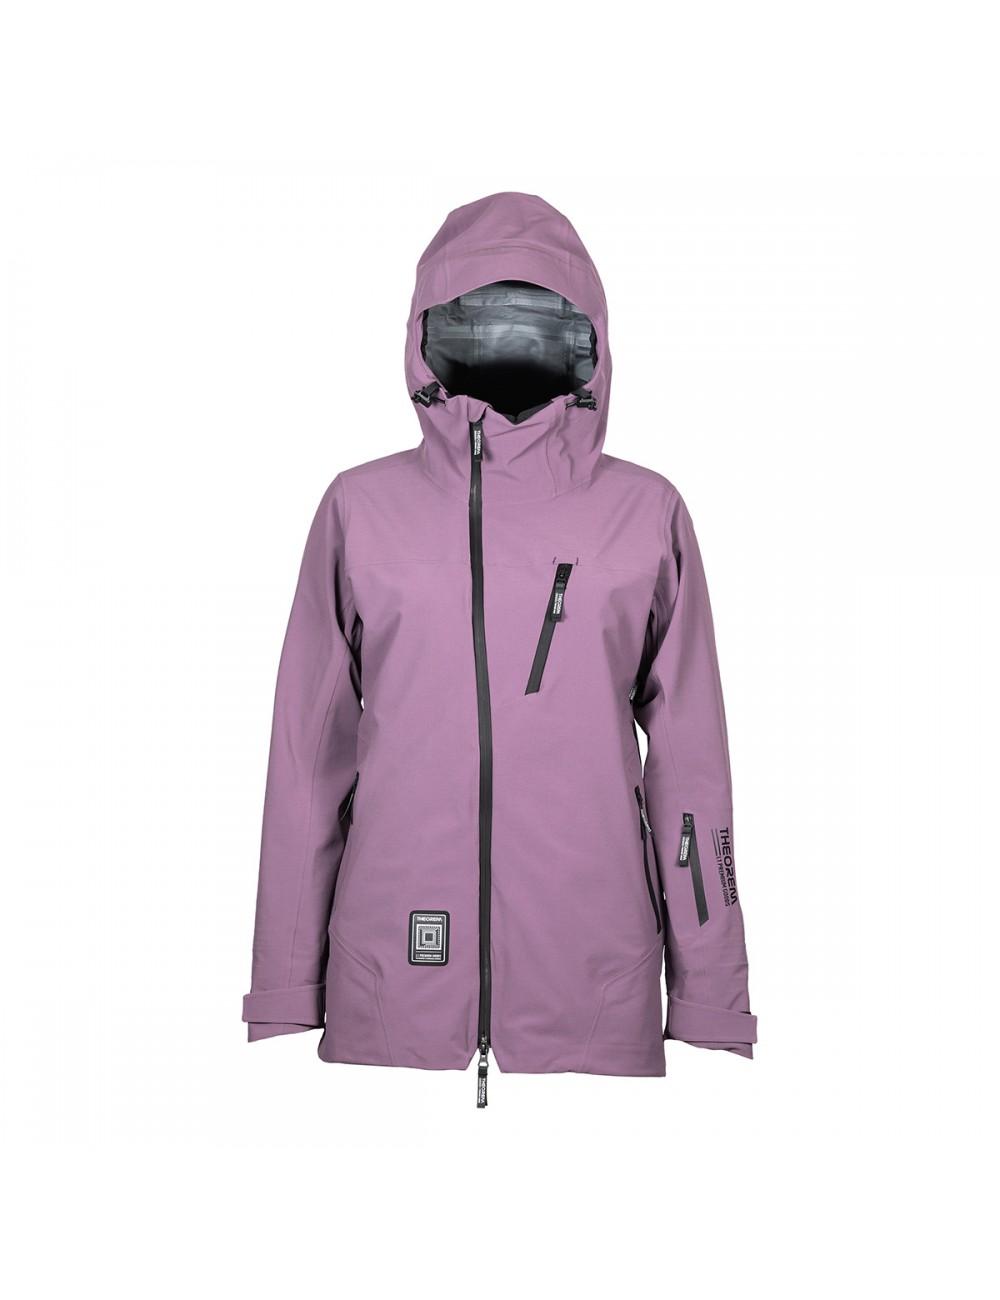 L1 Nightwave Jacket - Lavender_13055